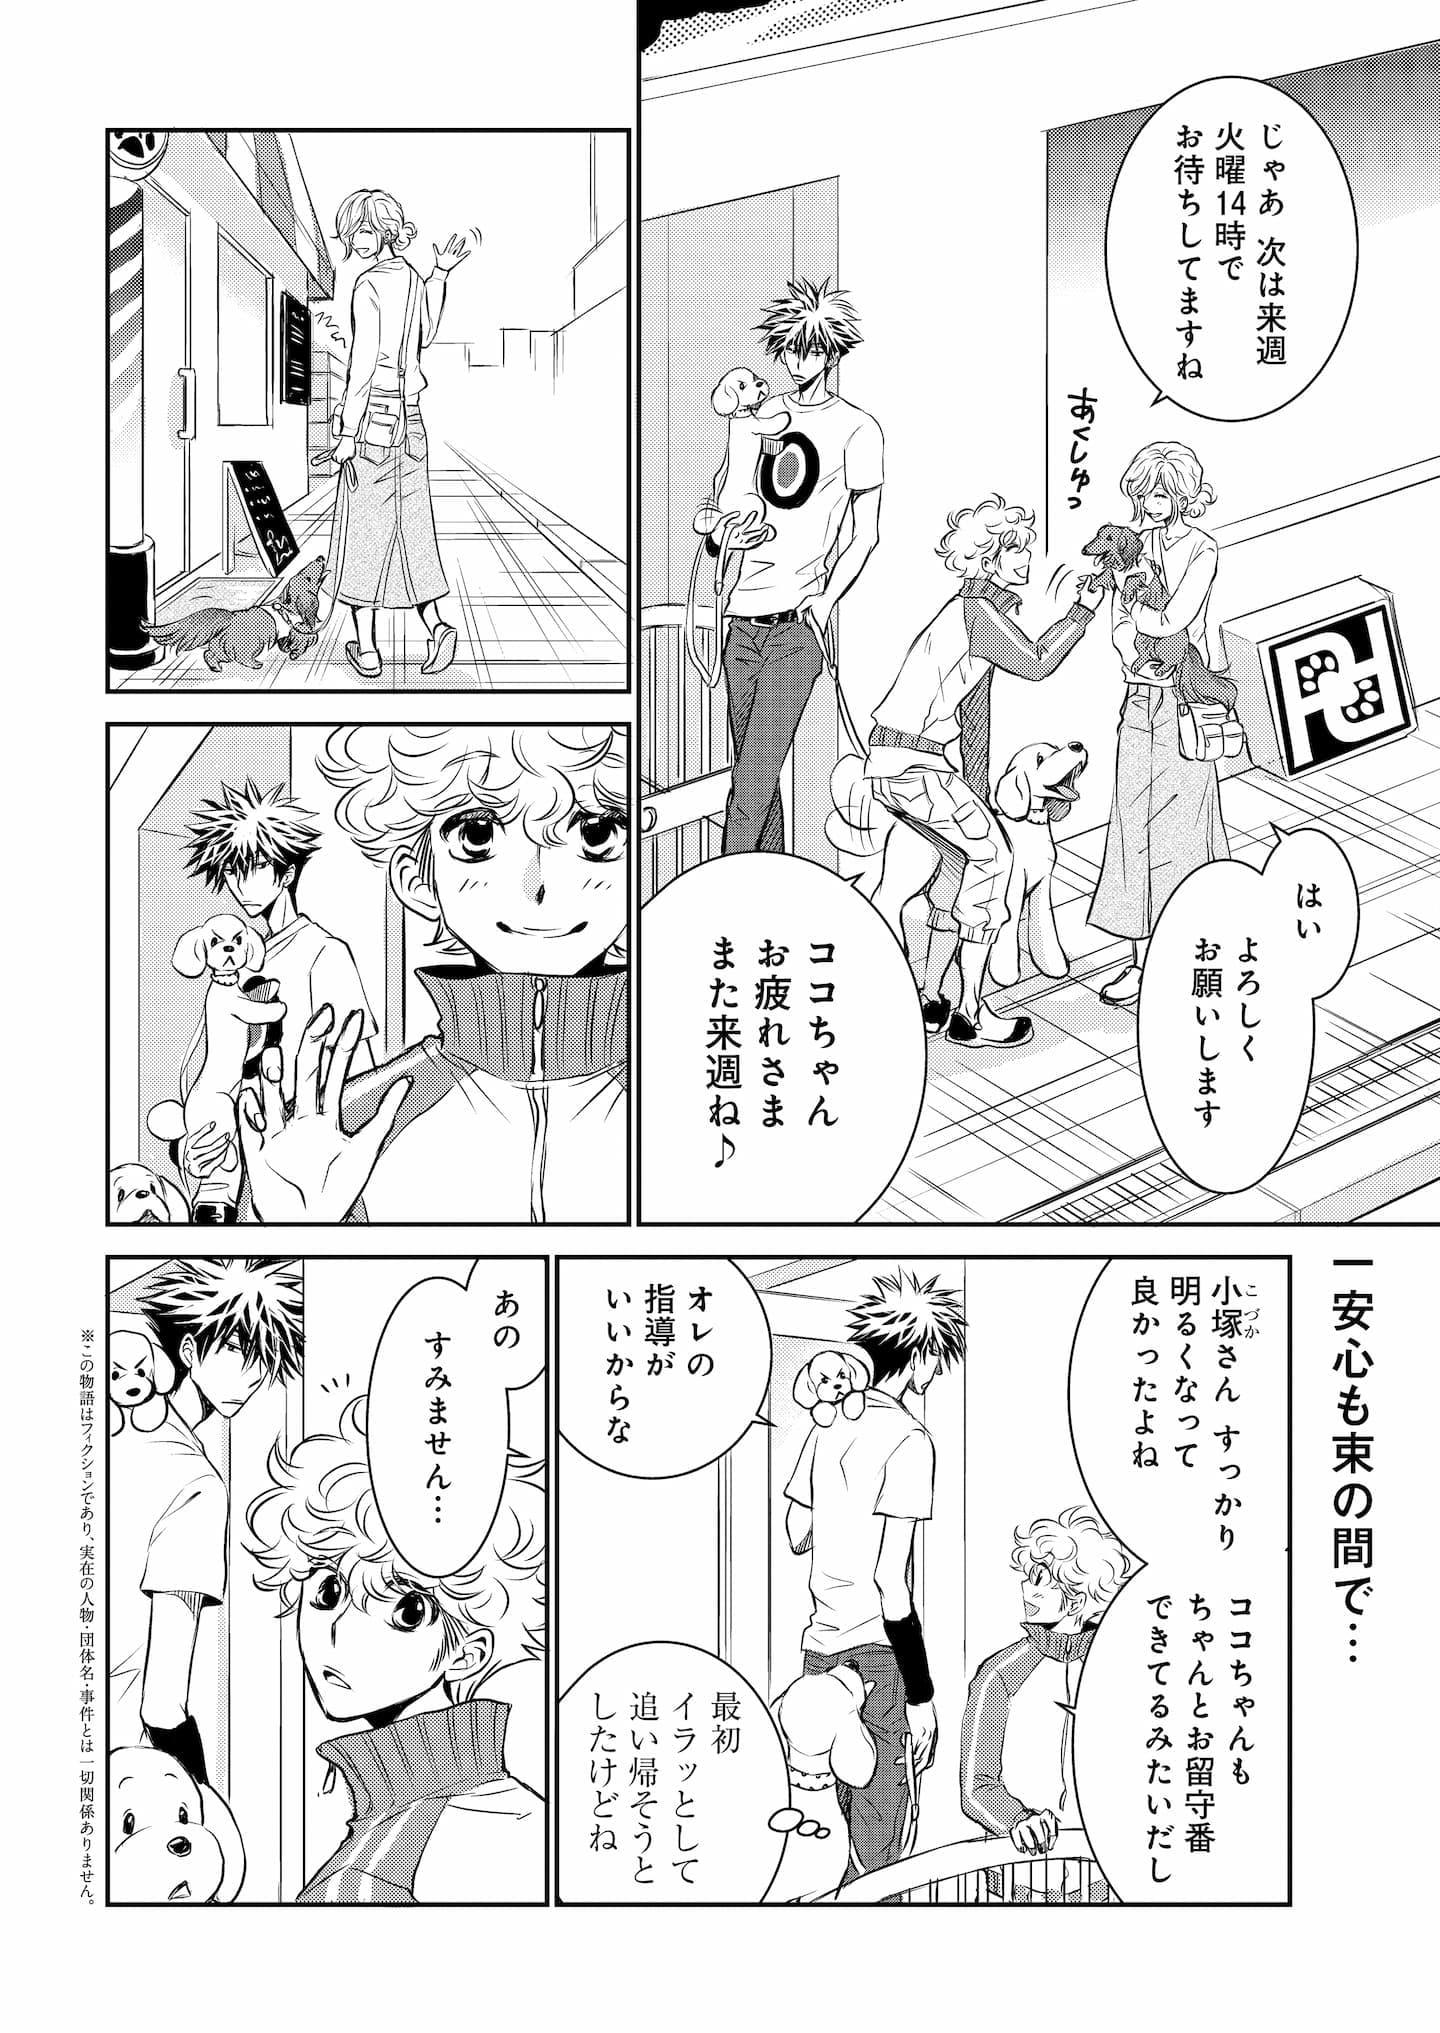 『DOG SIGNAL』8話目① 1ページ目